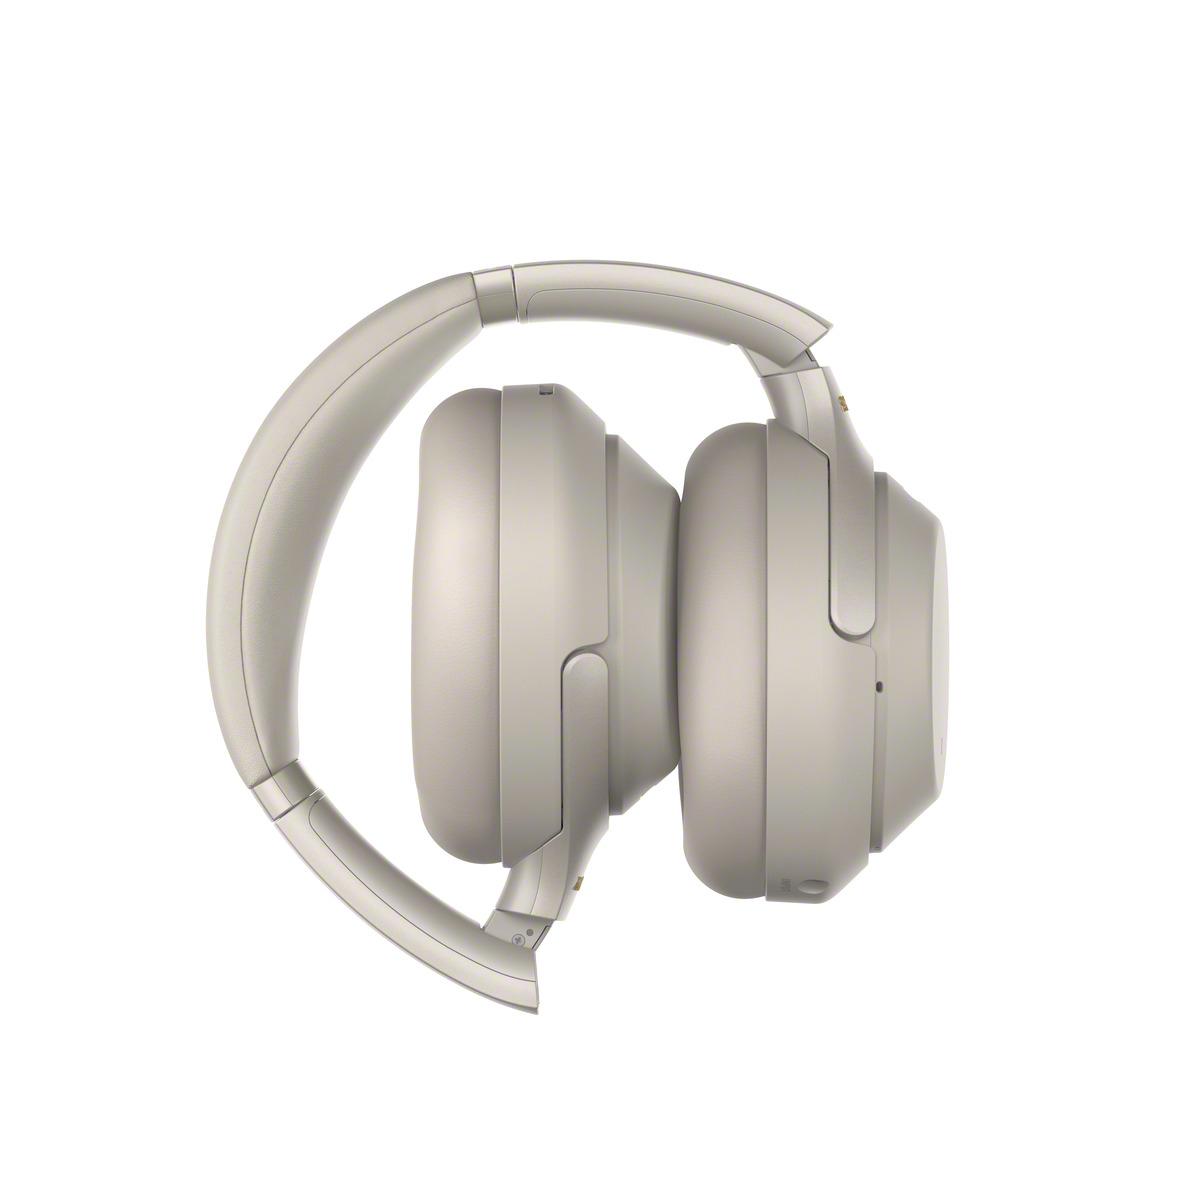 אוזניות SONY אלחוטיות דינמיות מרופדות מבטלות רעש דגם WH-1000XM3 - משלוח חינם - תמונה 3